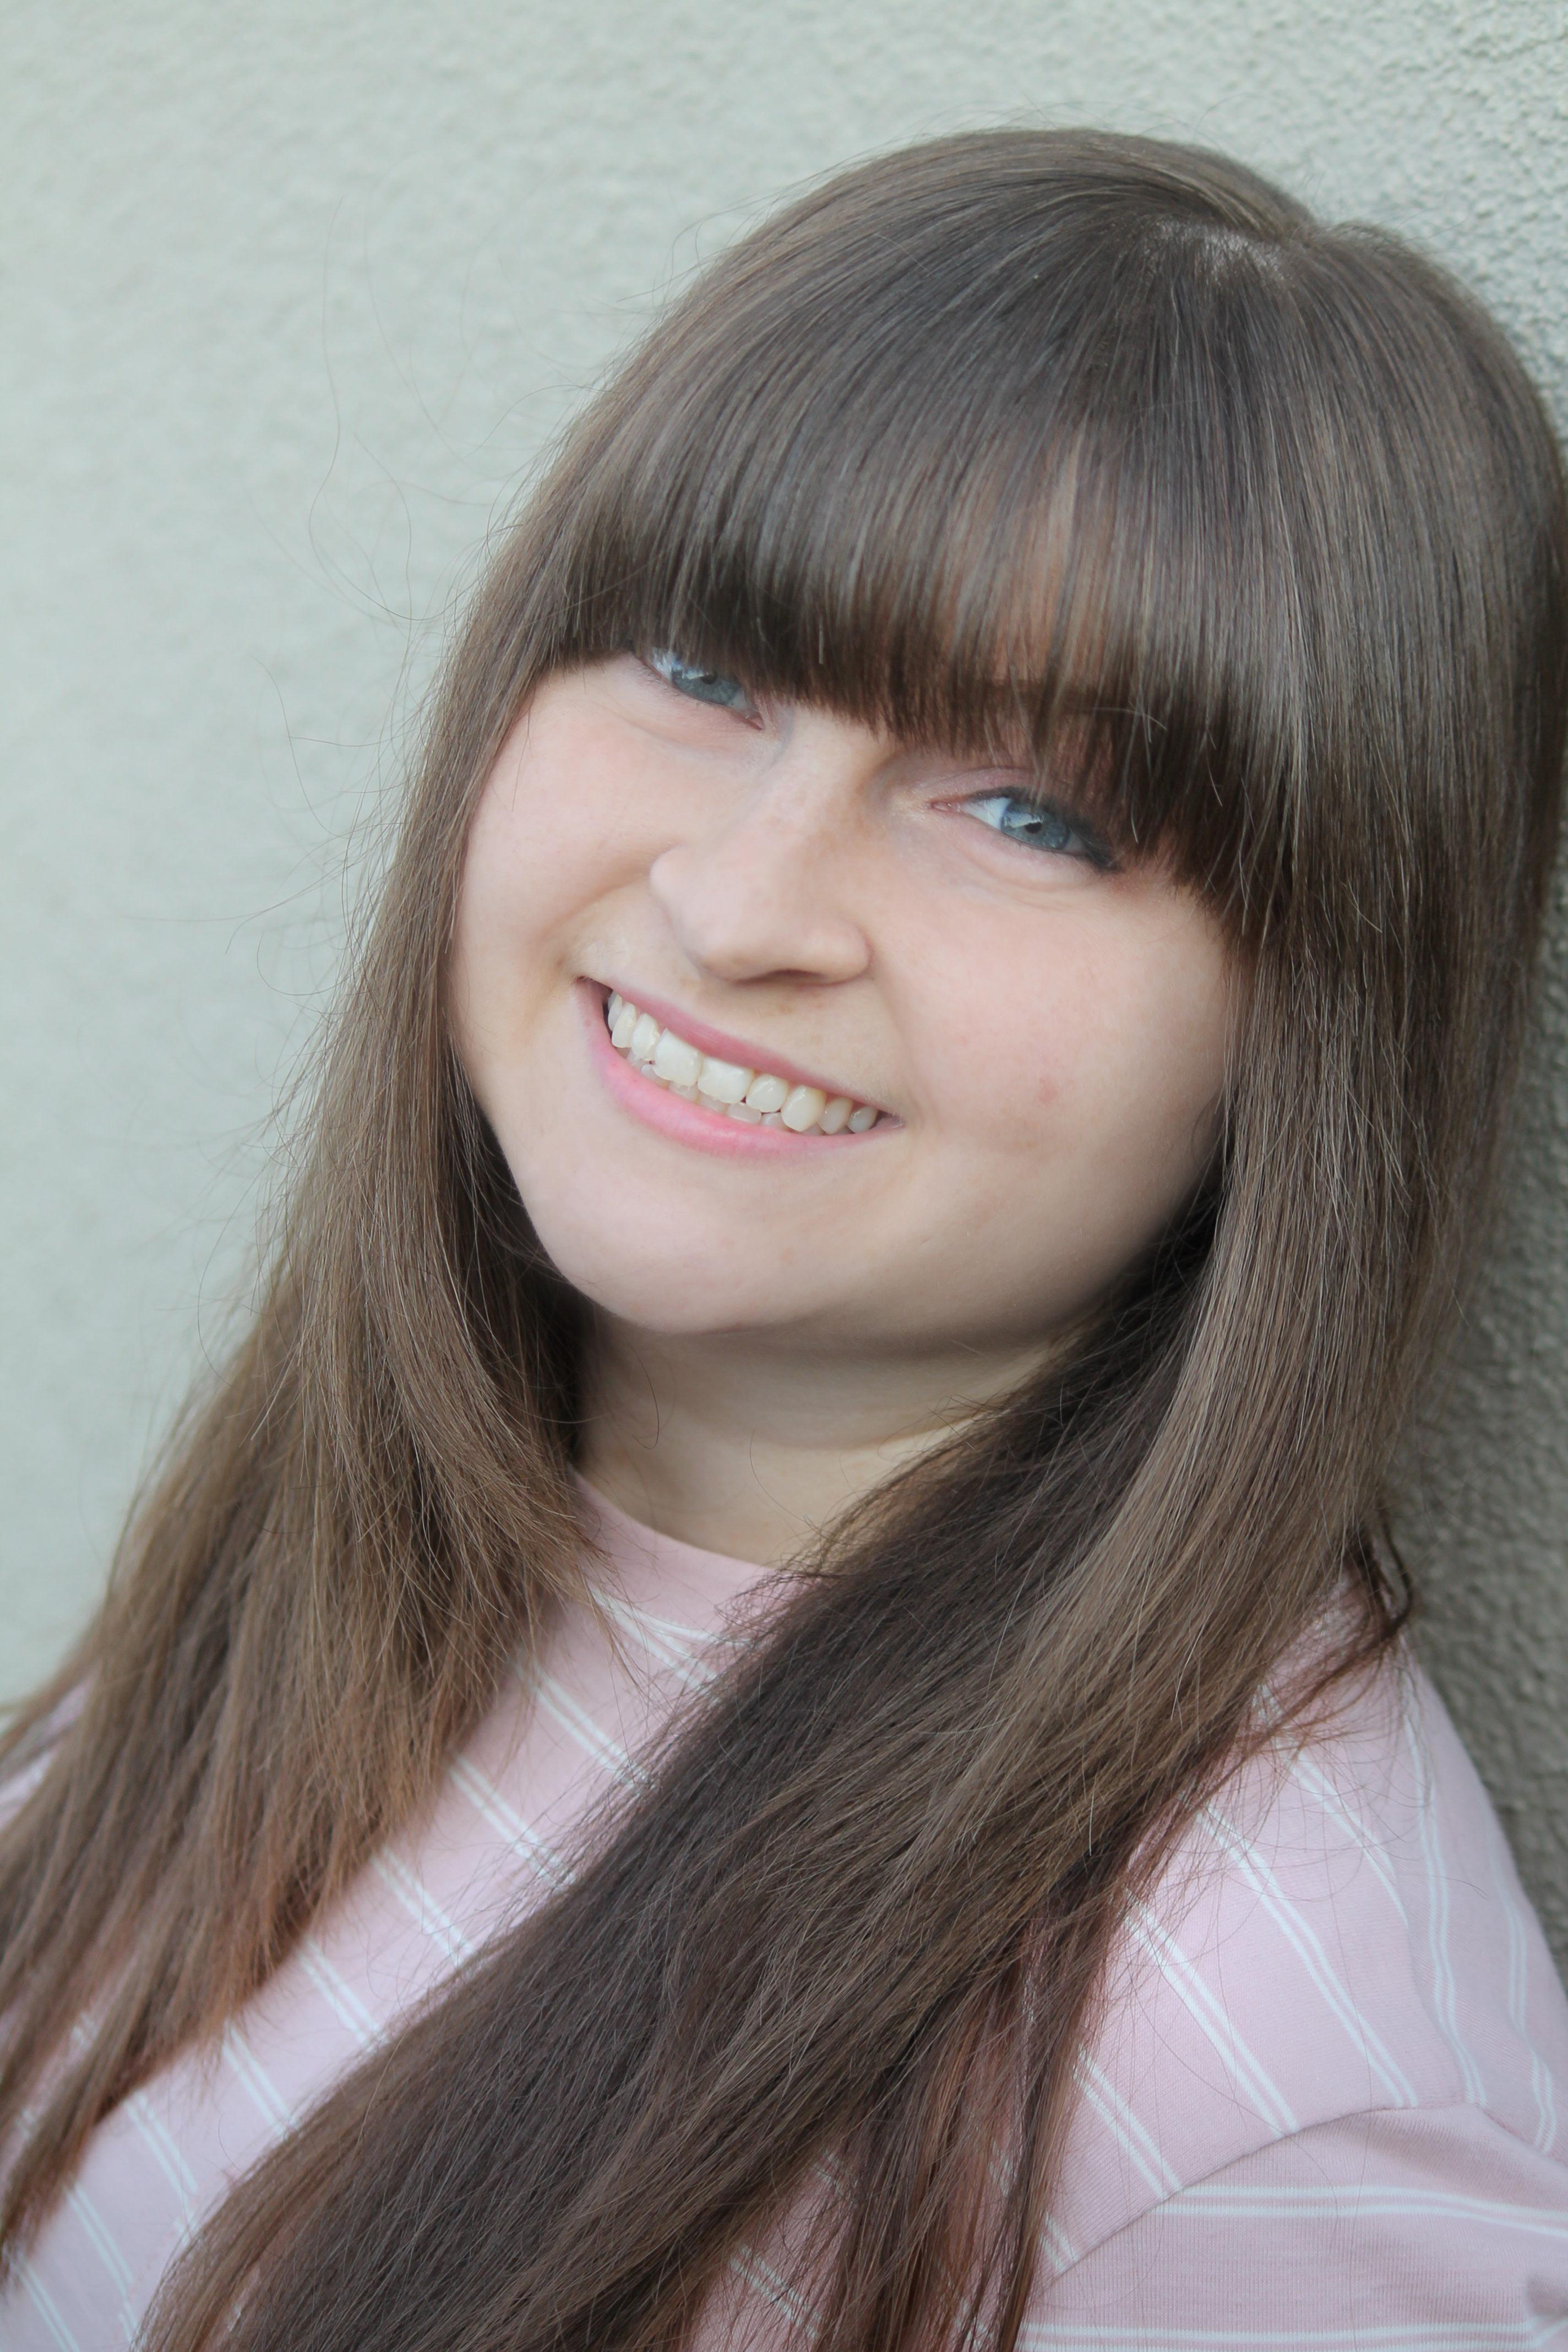 Lizzie Freeman